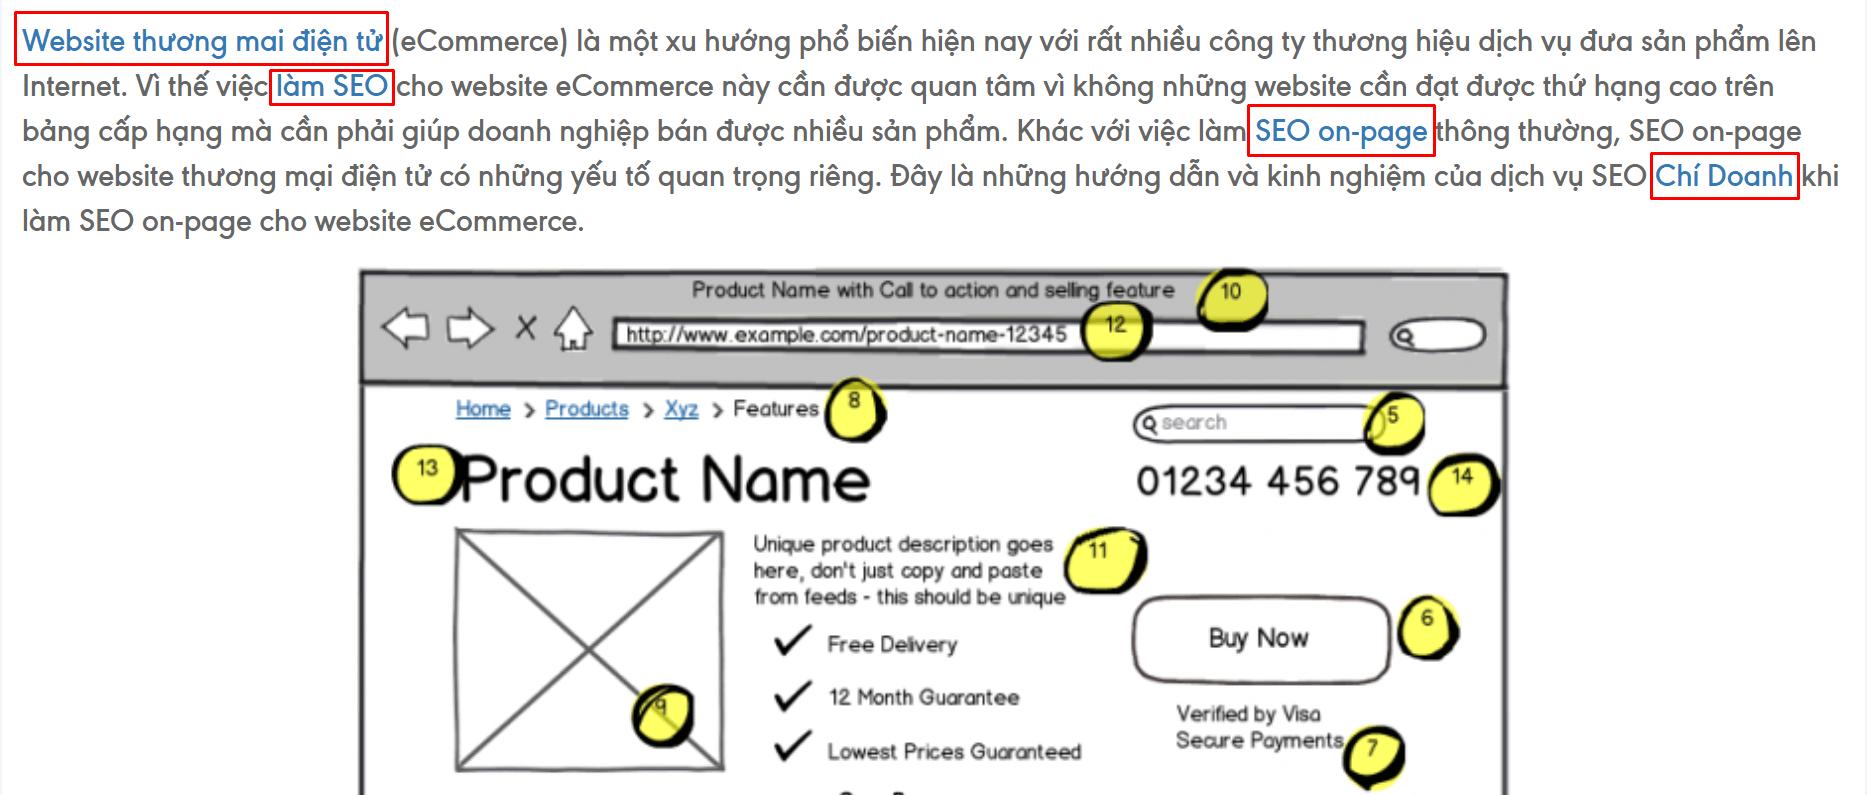 Các liên kết Anchor Text tốt sẽ giúp người dùng có thêm những thông tin bổ ích